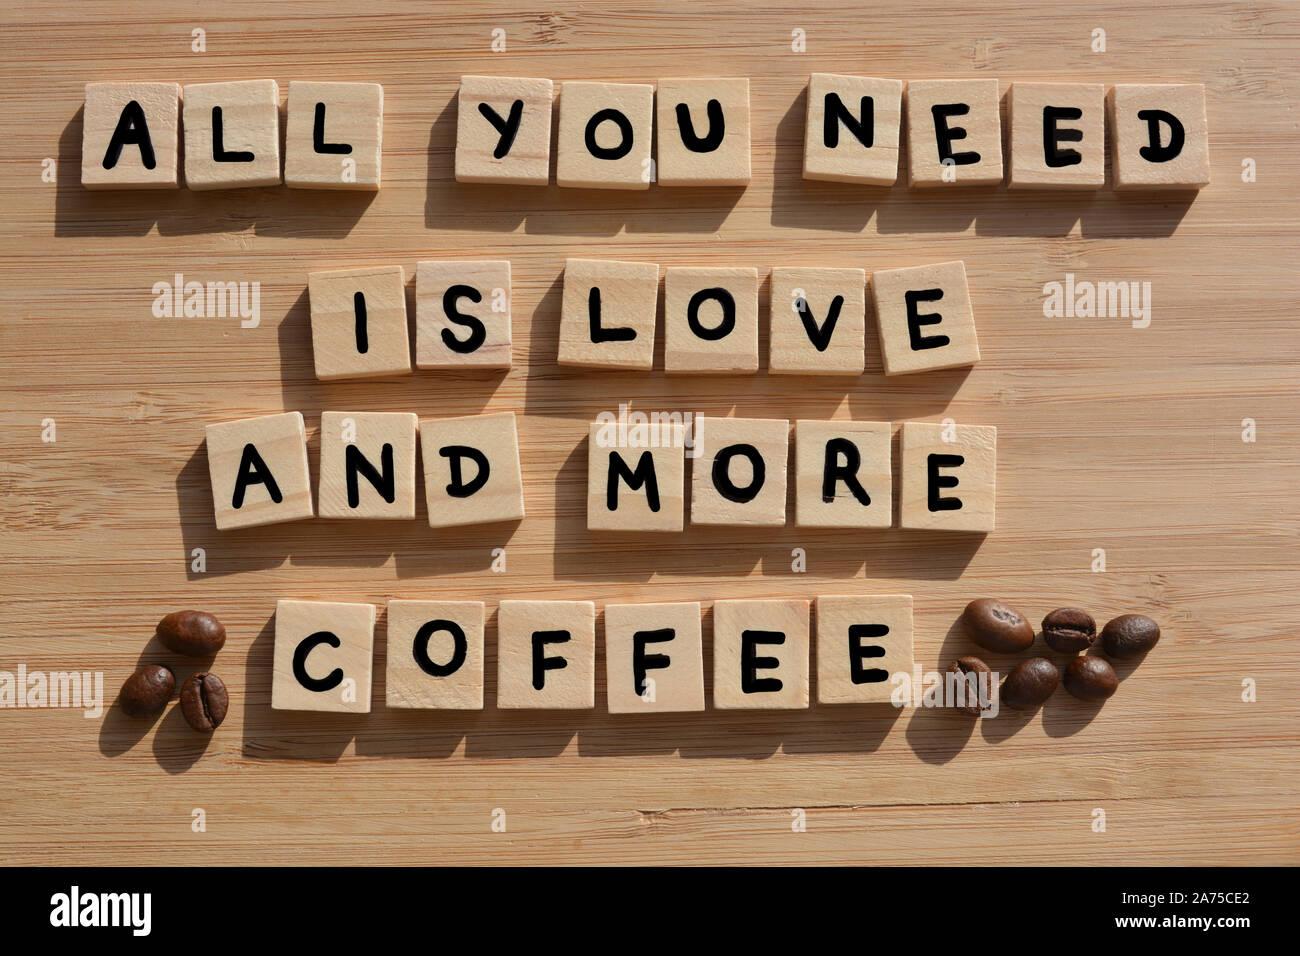 Tout ce qu'il vous faut, c'est l'amour et plus de café-. Mots en lettres de l'alphabet en bois 3d avec les grains de café sur un fond de bois de bambou Banque D'Images